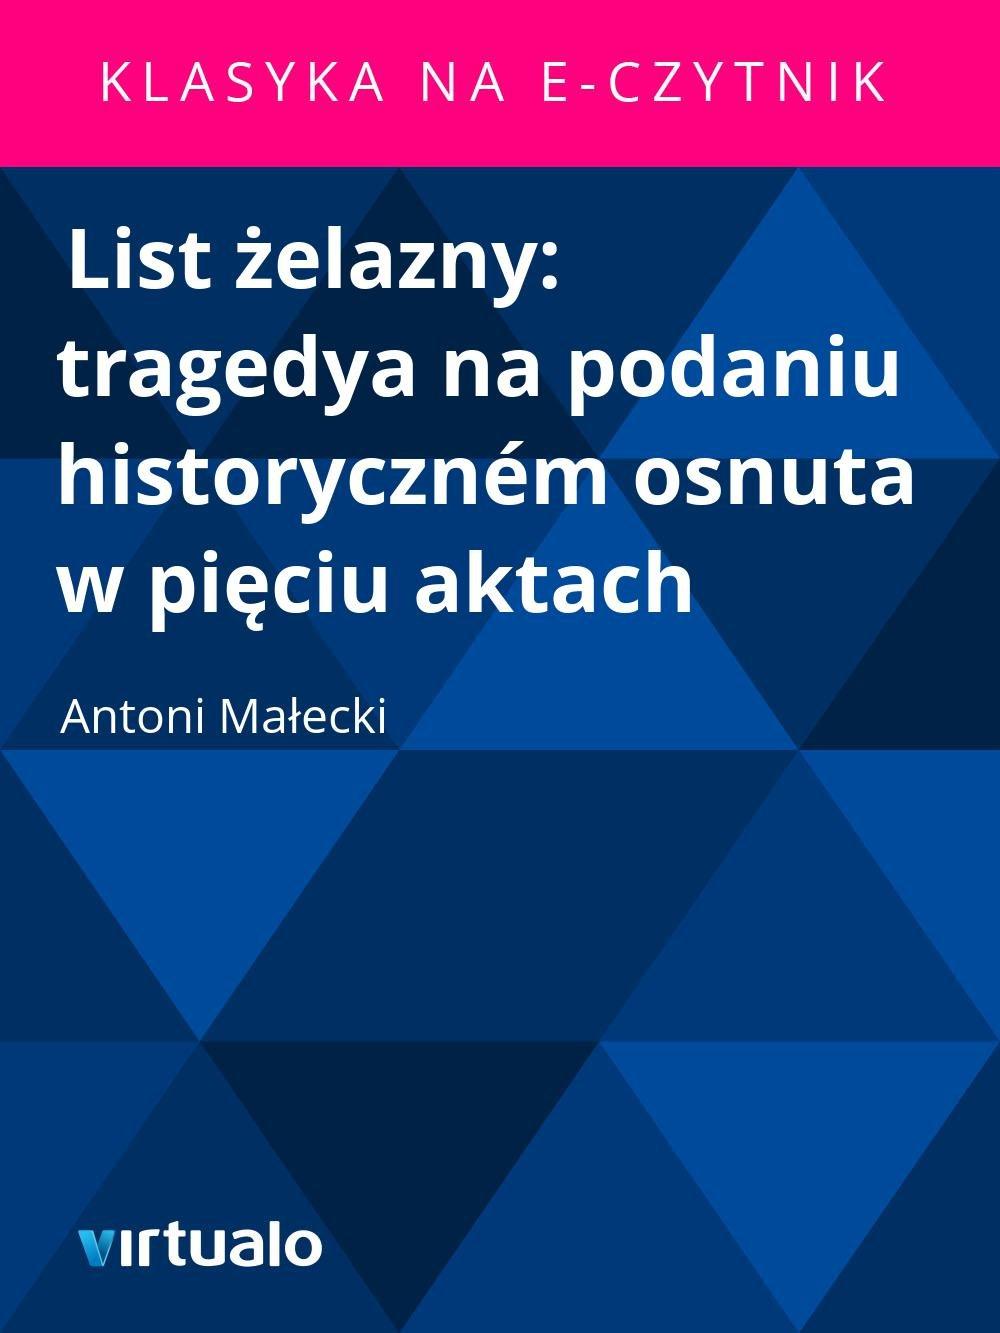 List żelazny: tragedya na podaniu historyczném osnuta w pięciu aktach - Ebook (Książka EPUB) do pobrania w formacie EPUB